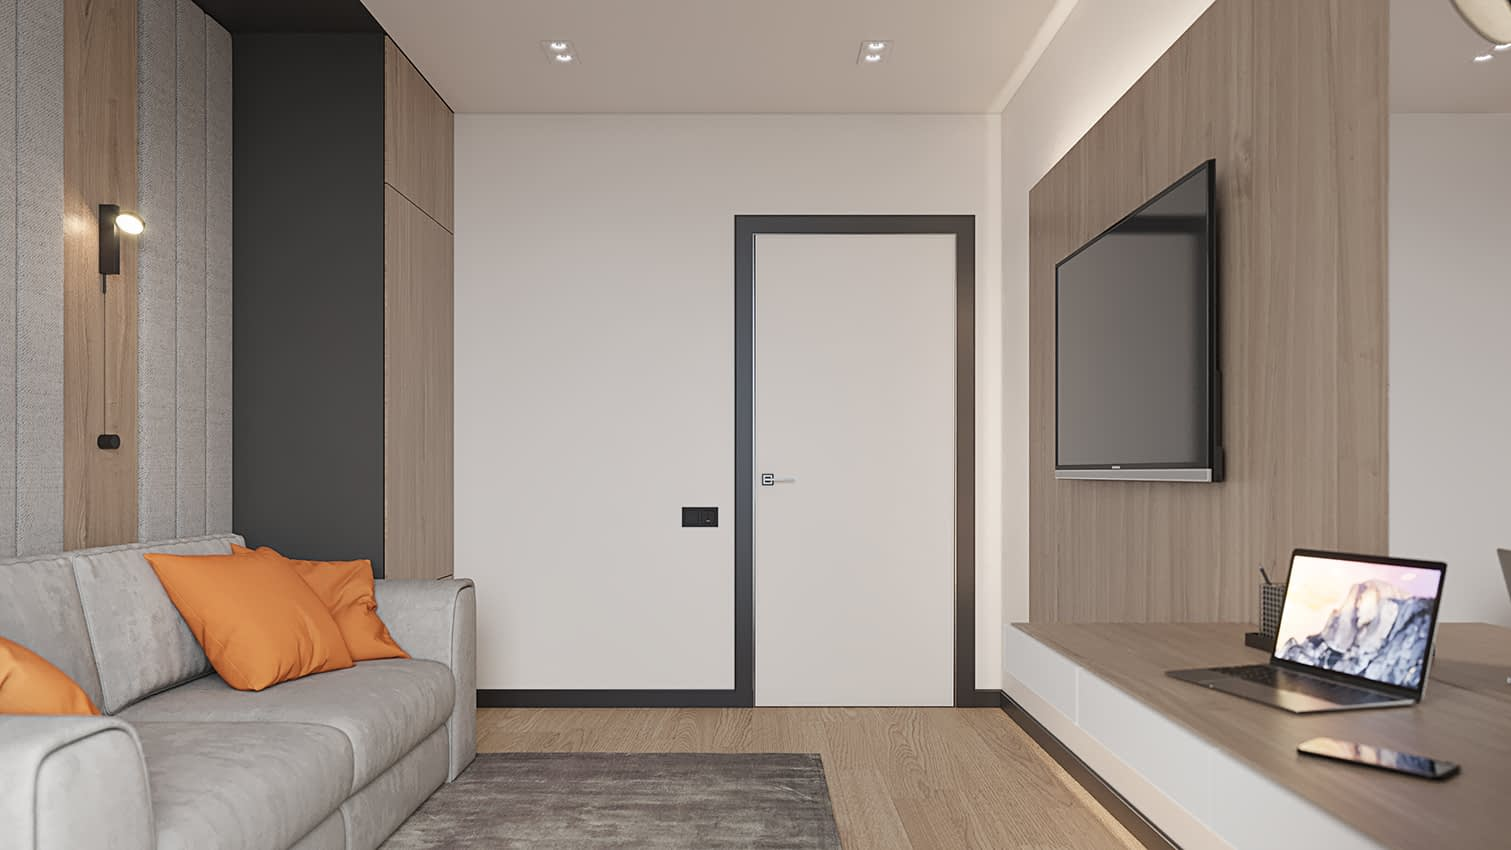 проект комнаты в квартире в ЖК Владимирский